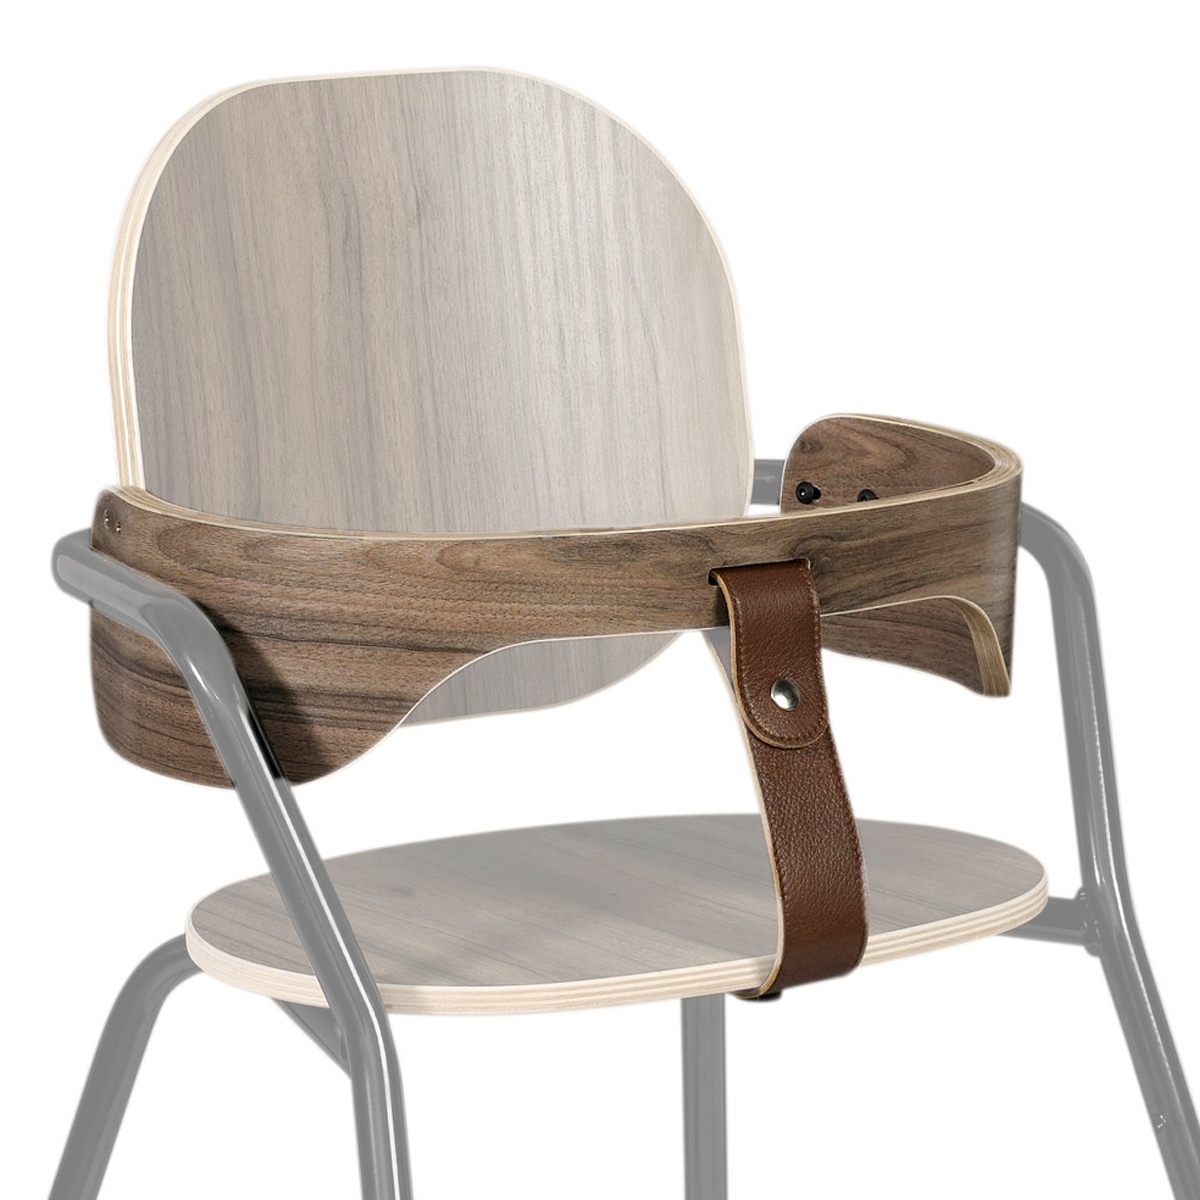 Chaise haute Ceinture et Harnais pour Chaise Haute Tibu - Noyer Ceinture et Harnais pour Chaise Haute Tibu - Noyer